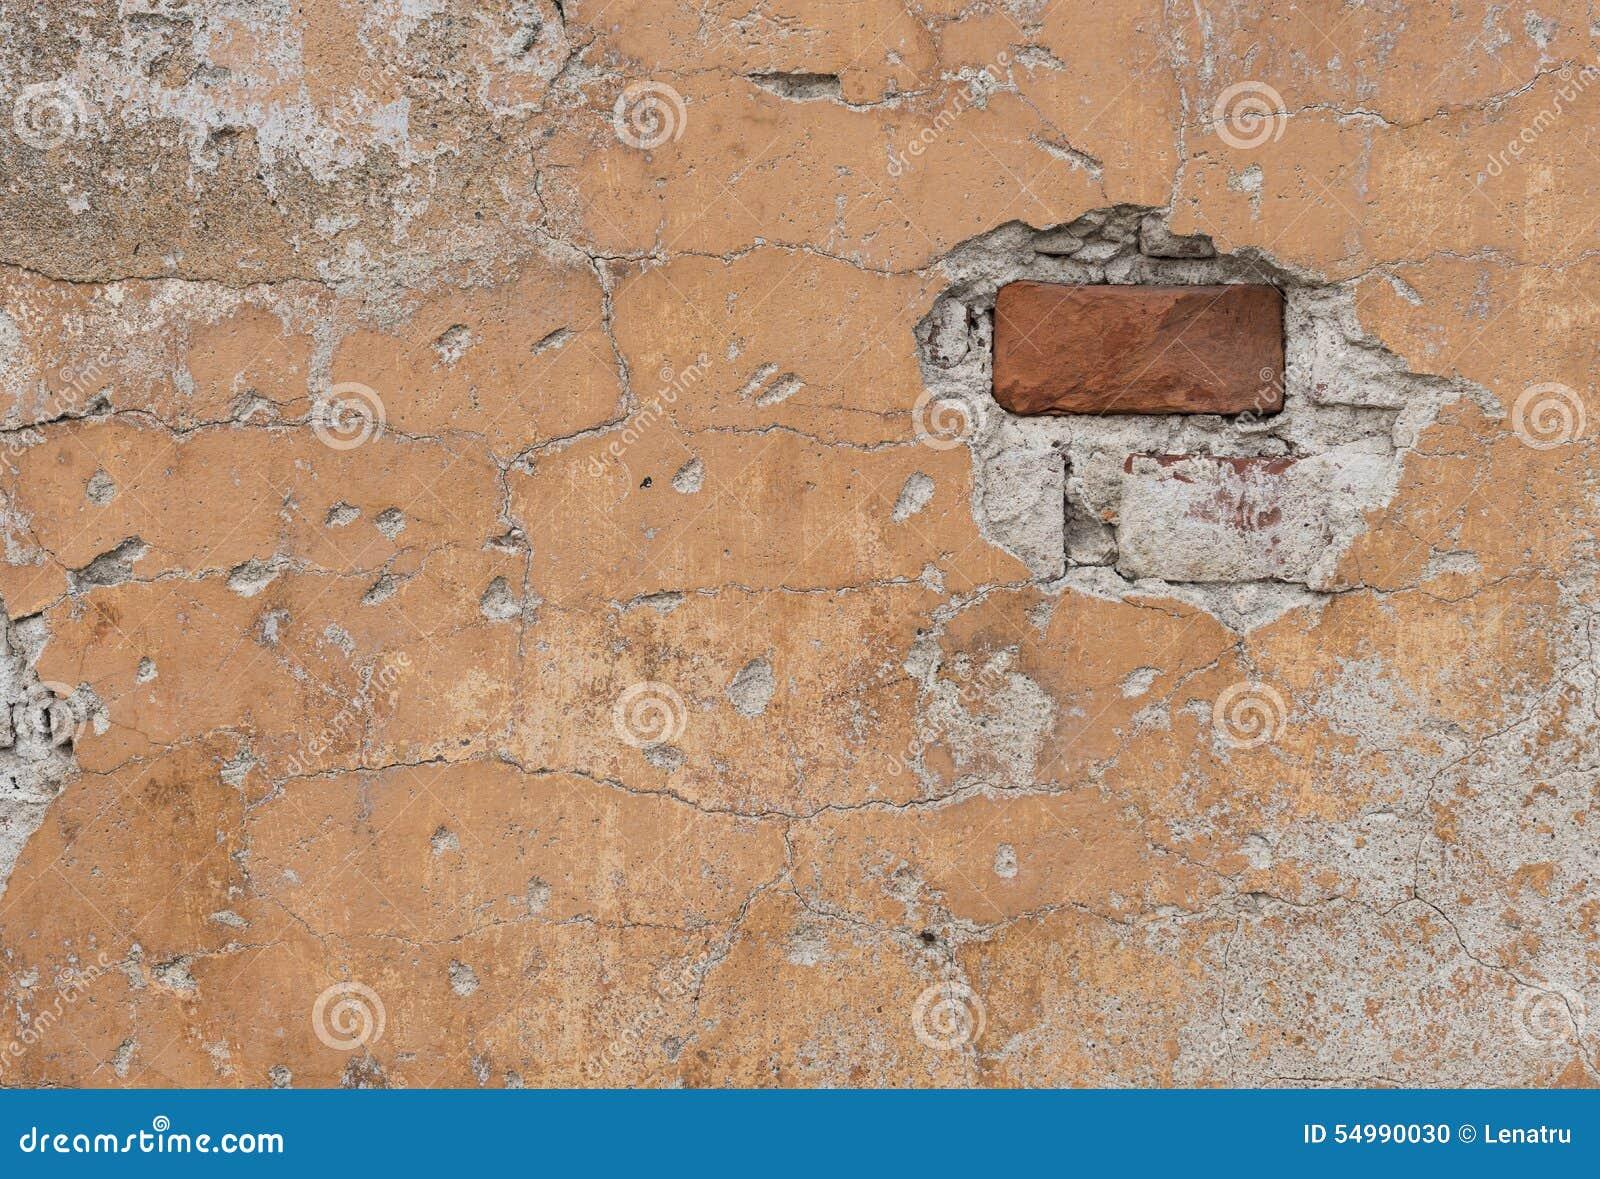 Fragment Der Alten Verwitterten Backsteinmauer Stockfoto   Bild von hintergrund, verlassen 54990030